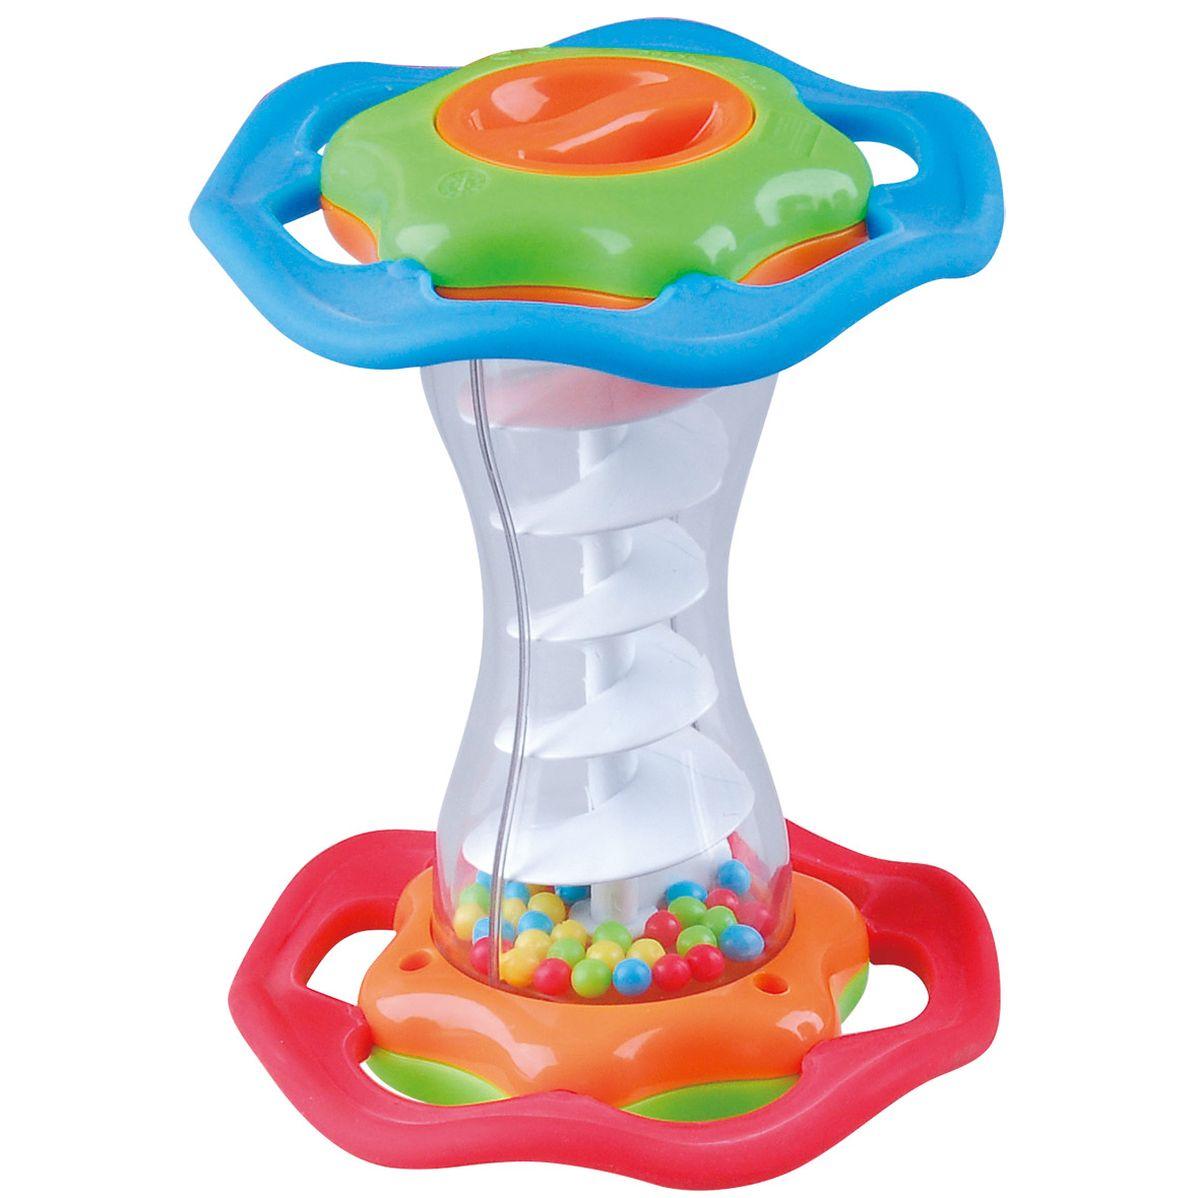 Playgo Развивающая игрушка ПогремушкаPlay 1548Play 1548 Развивающая игрушка Погремушка. Упаковка: Картонная коробка, презентационно-открытая. Материал : пластмасса. Перед применением протереть игрушку мягкой салфеткой. Размеры упаковки Ш*Г*В: 14,0 см*11,5 см*18,0 см. Размер игрушки Ш*Г*В: 9,5 см*9,5 см*13,5 см. Возраст: 6 m+ Страна производитель :PlayGo (Китай). Обращаем ваше внимание на ассортимент в цветовом дизайне мелких деталей товара. Поставка осуществляется в зависимости от наличия на складе.